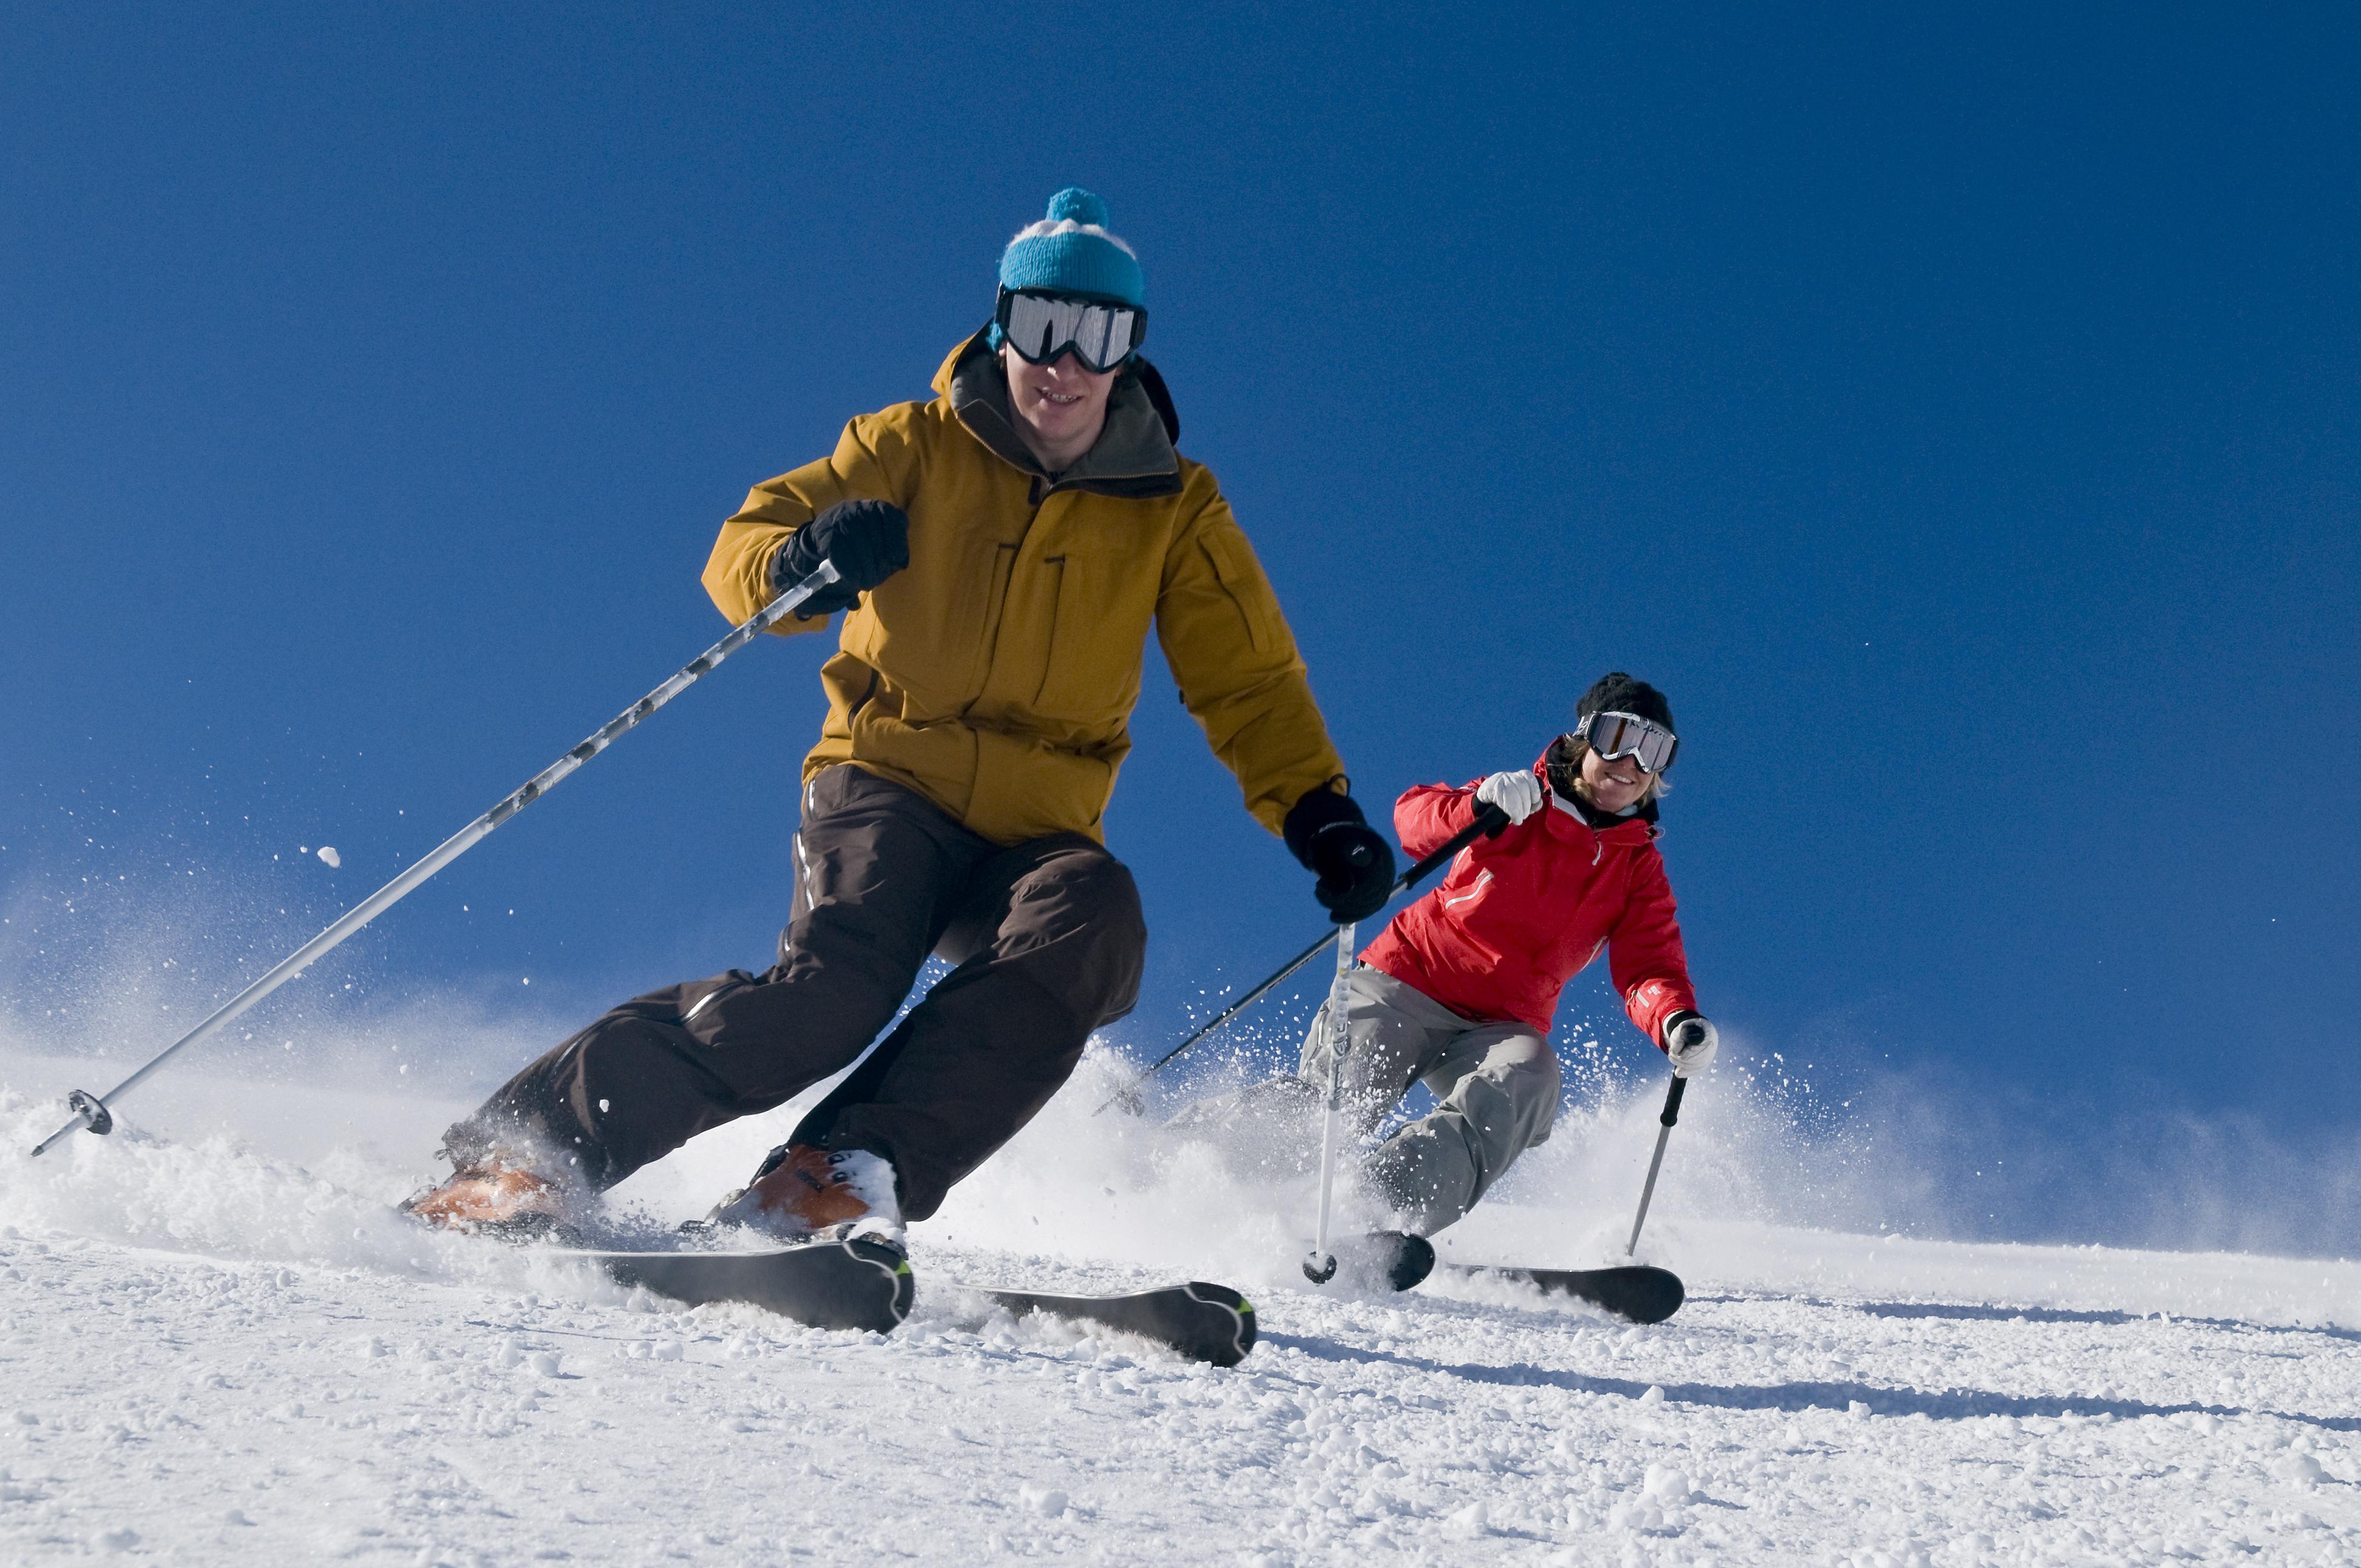 Site de rencontre pour skieur